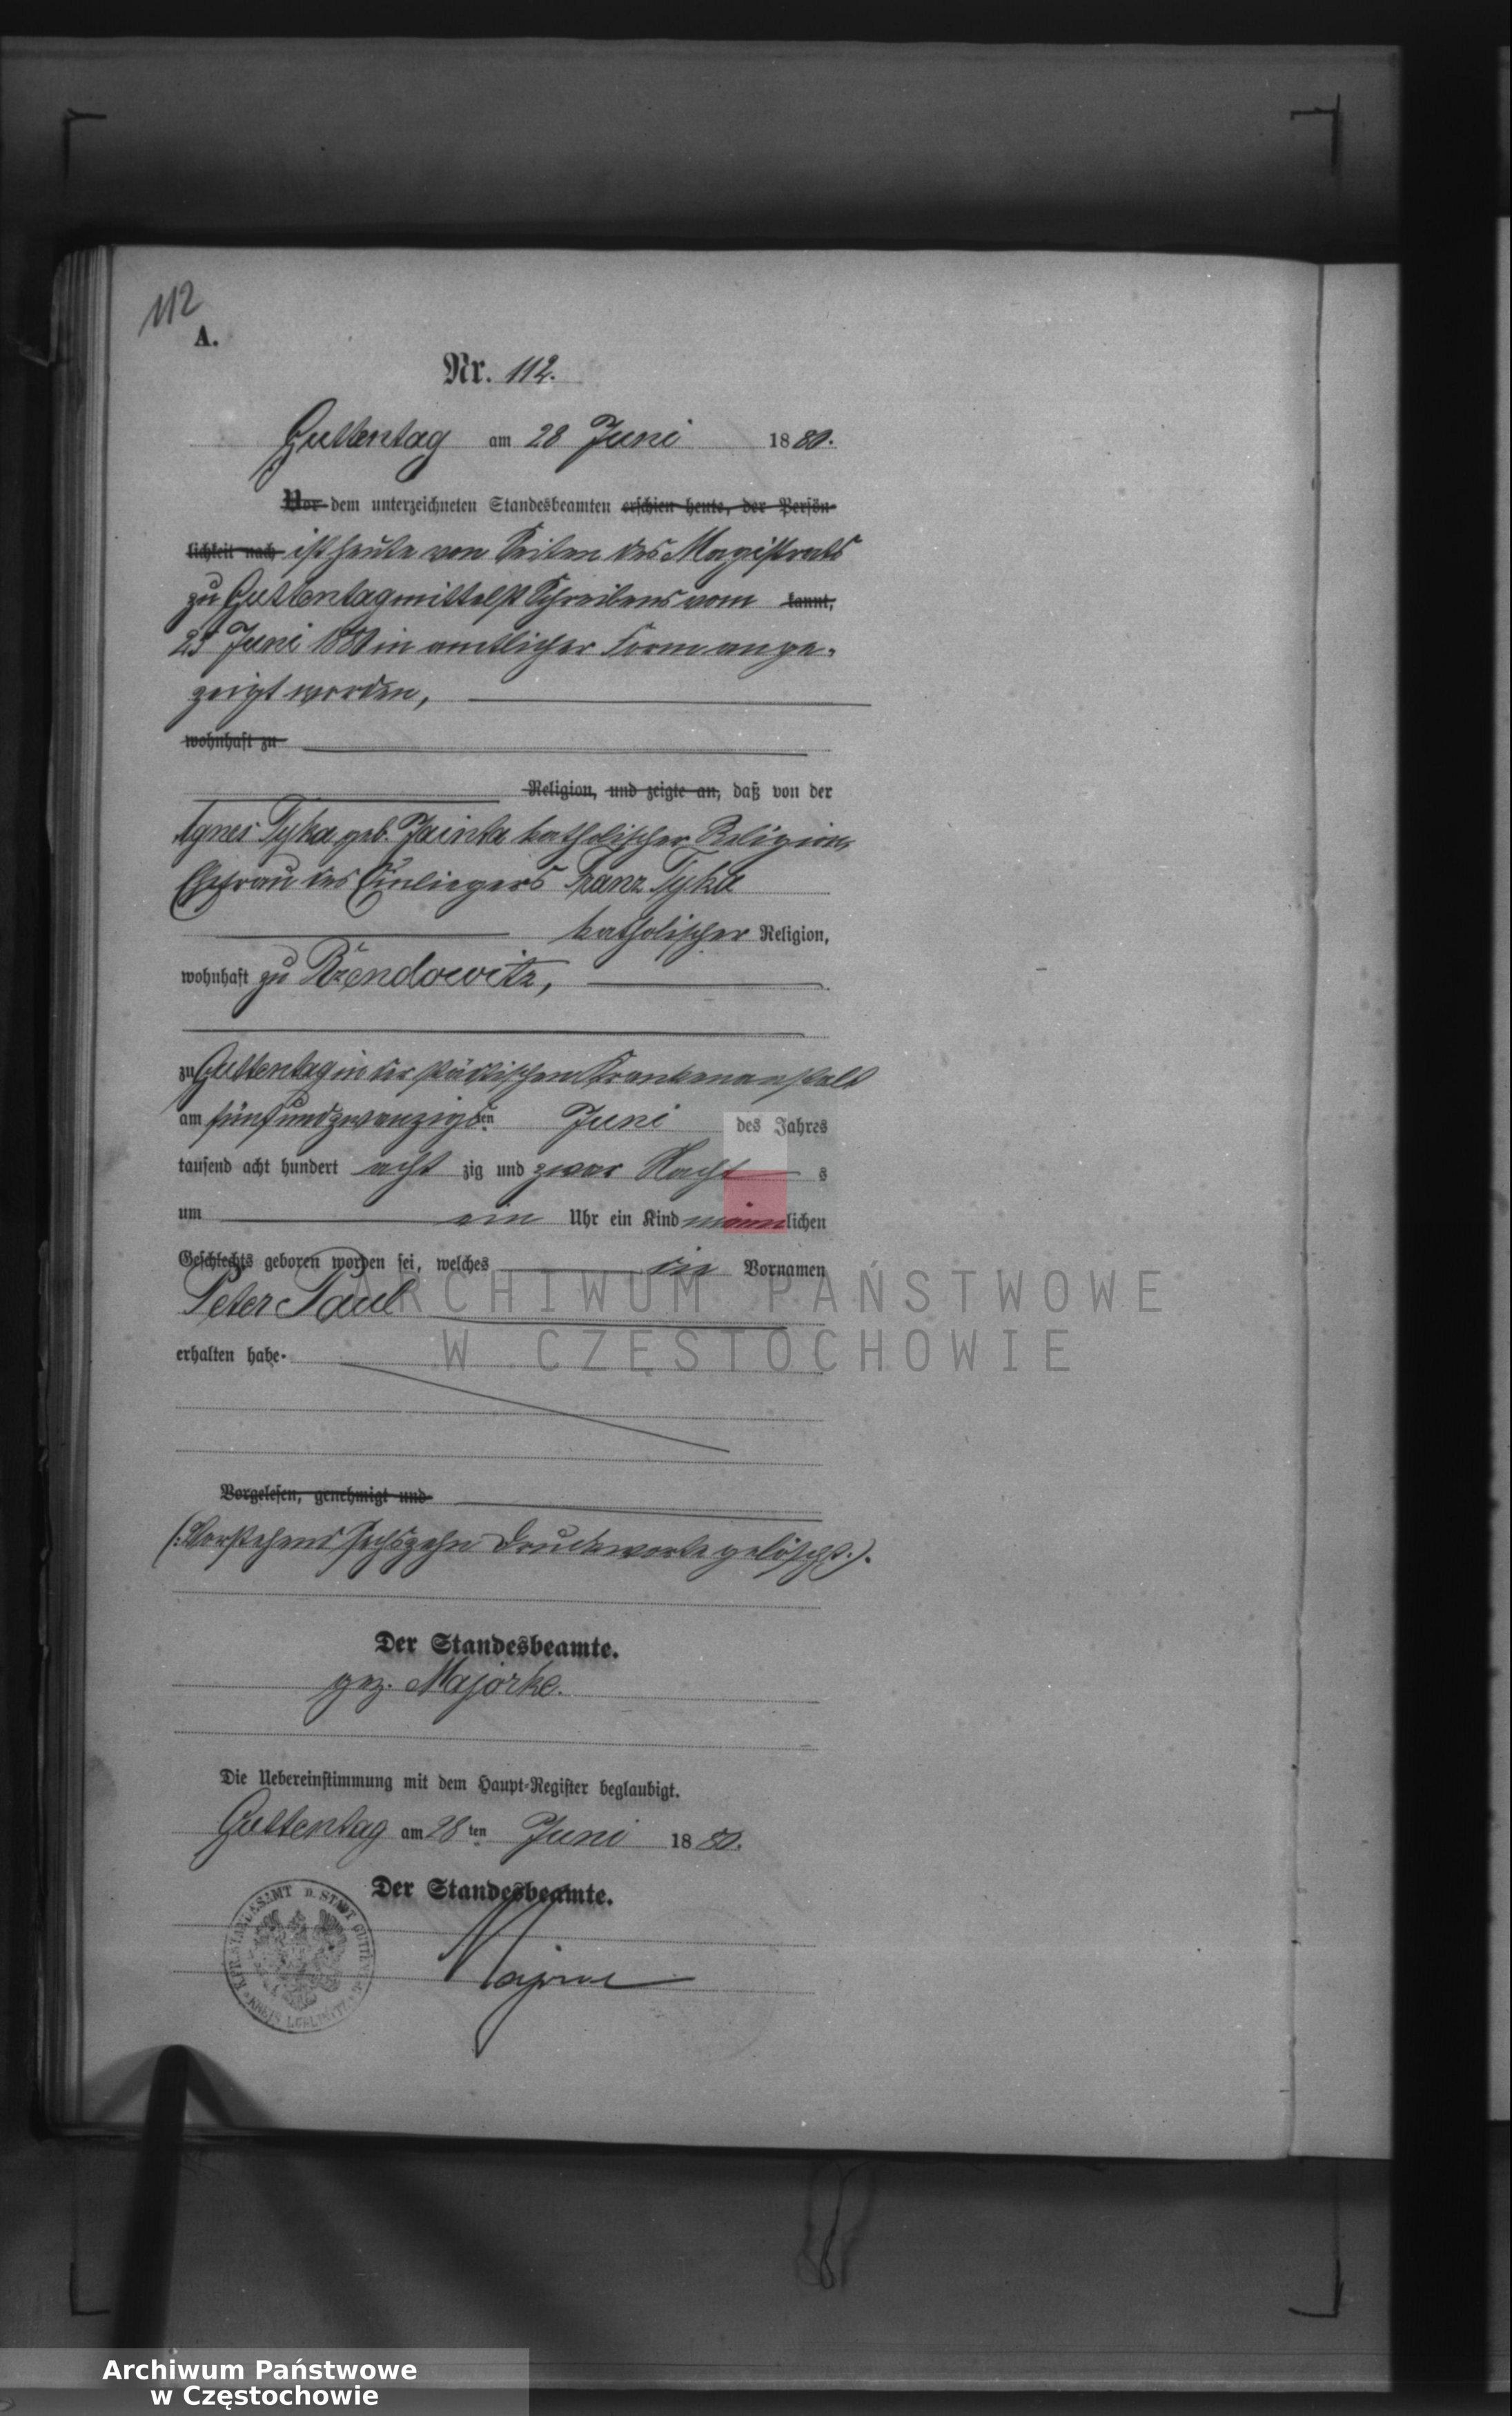 Skan z jednostki: Geburts - Neben Register des Königlich Preussischen Standesamts Guttentag im Kreise Lublinitz pro 1880.